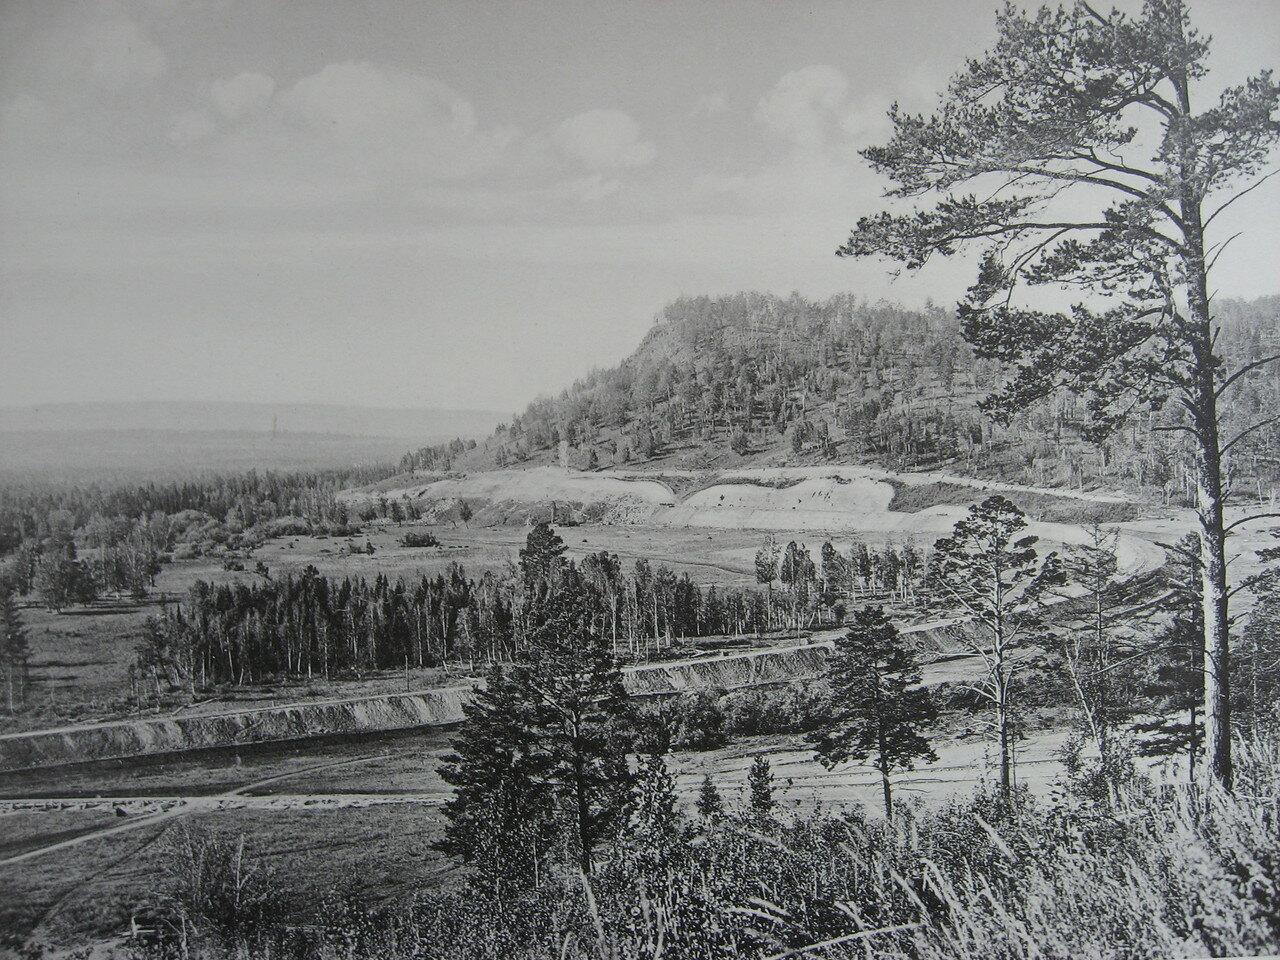 71. 2580 верста. Вид на косогор со стороны моста через р. Мару. Строительный период 1909